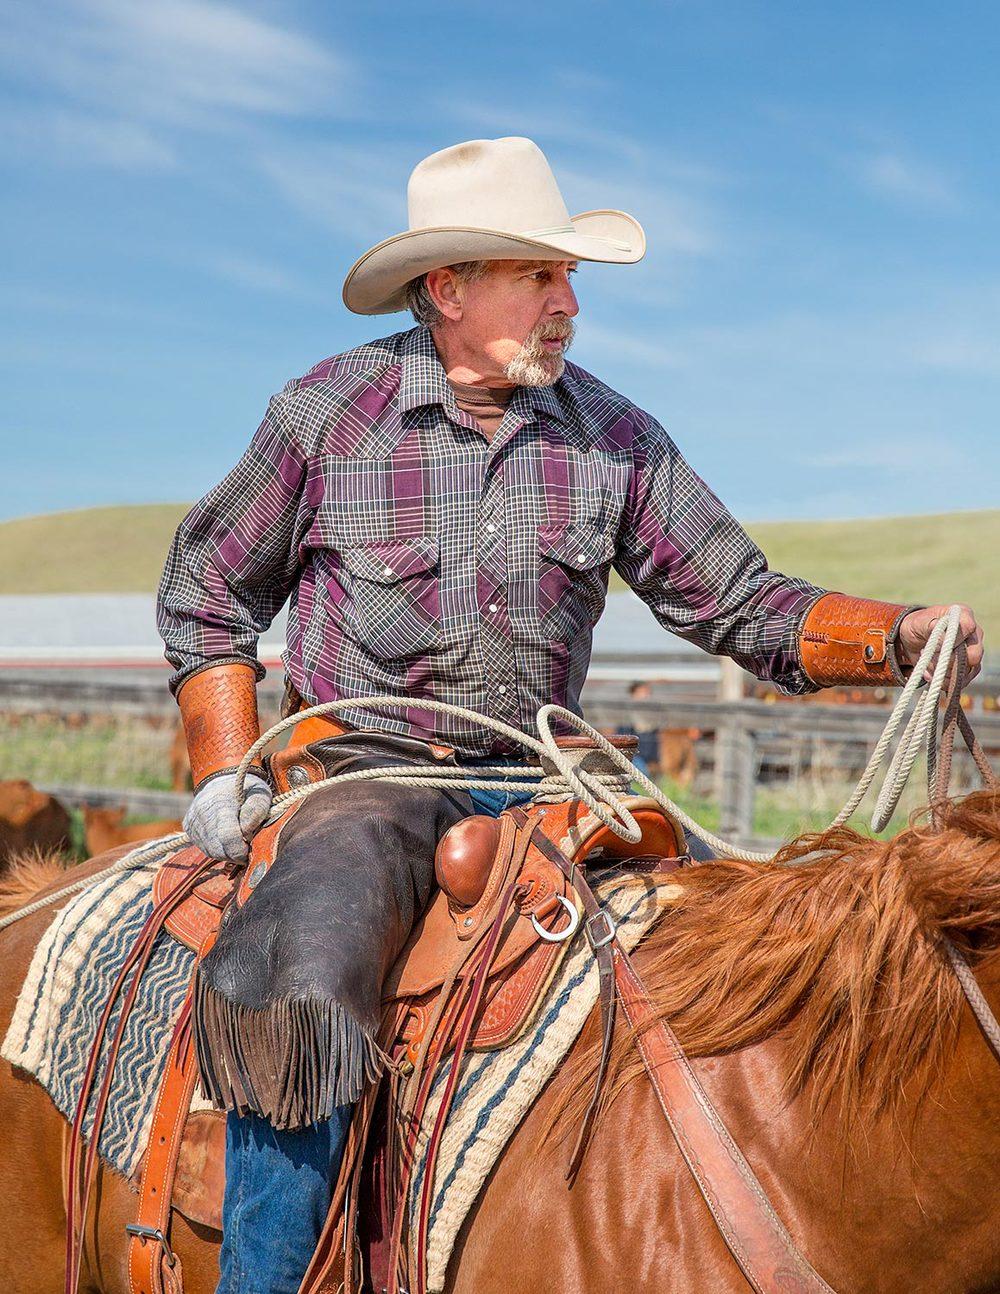 Experienced Cowboy